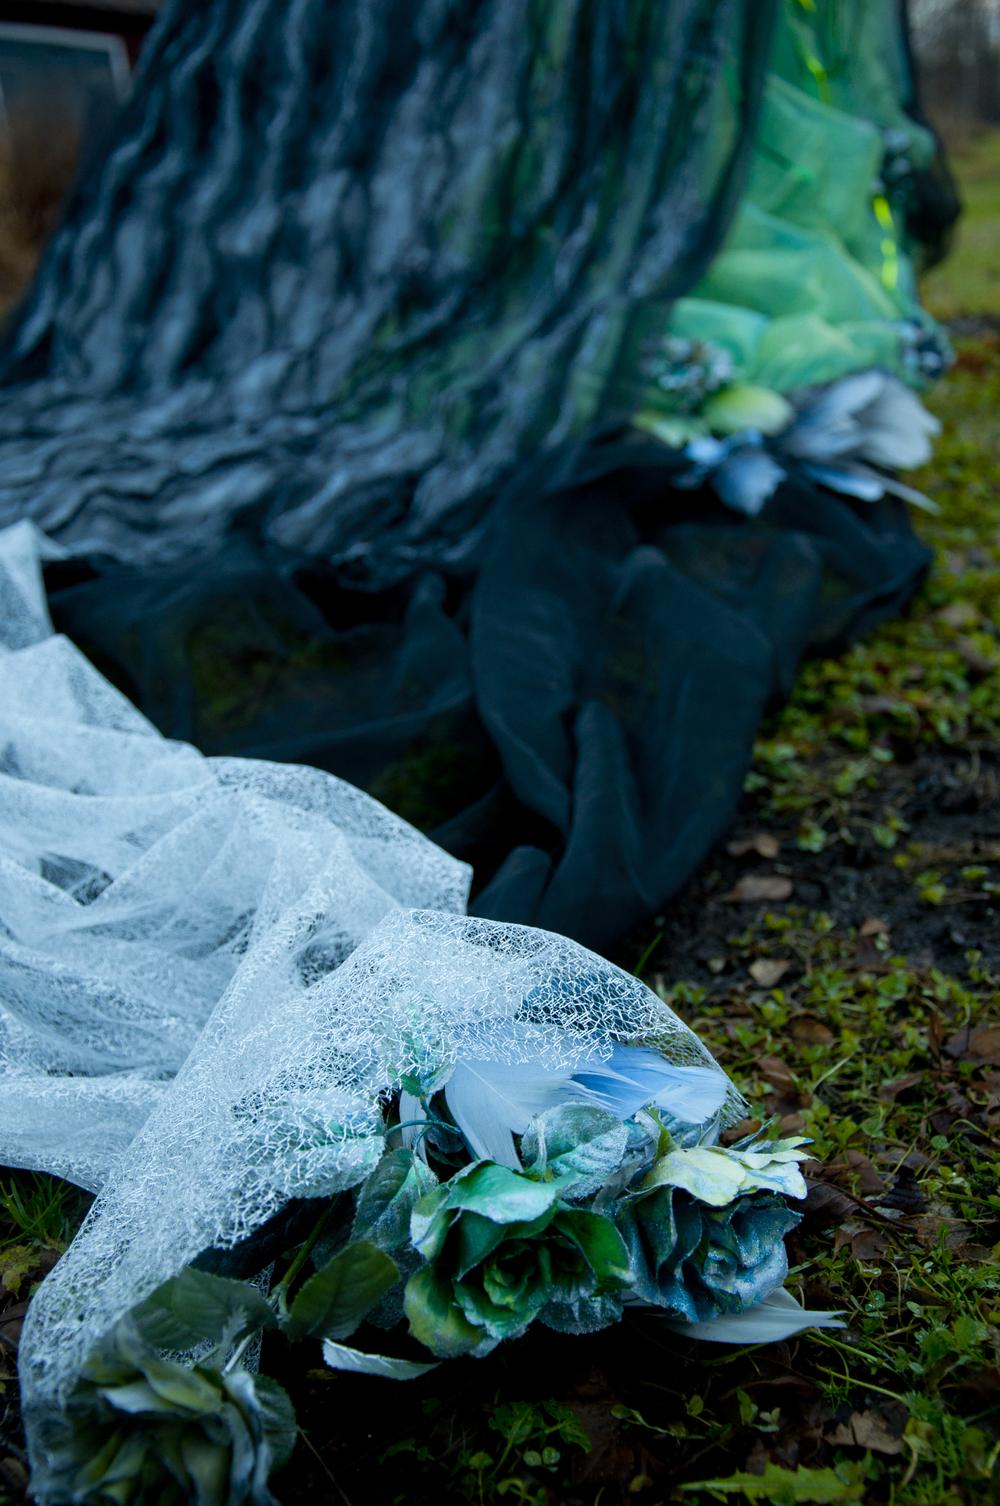 Smygbild av årets nydesignade klänningsom Lucia i folktron kommer att bära under Midvinterglöd 2013.Foto: Petra Shara Stoor